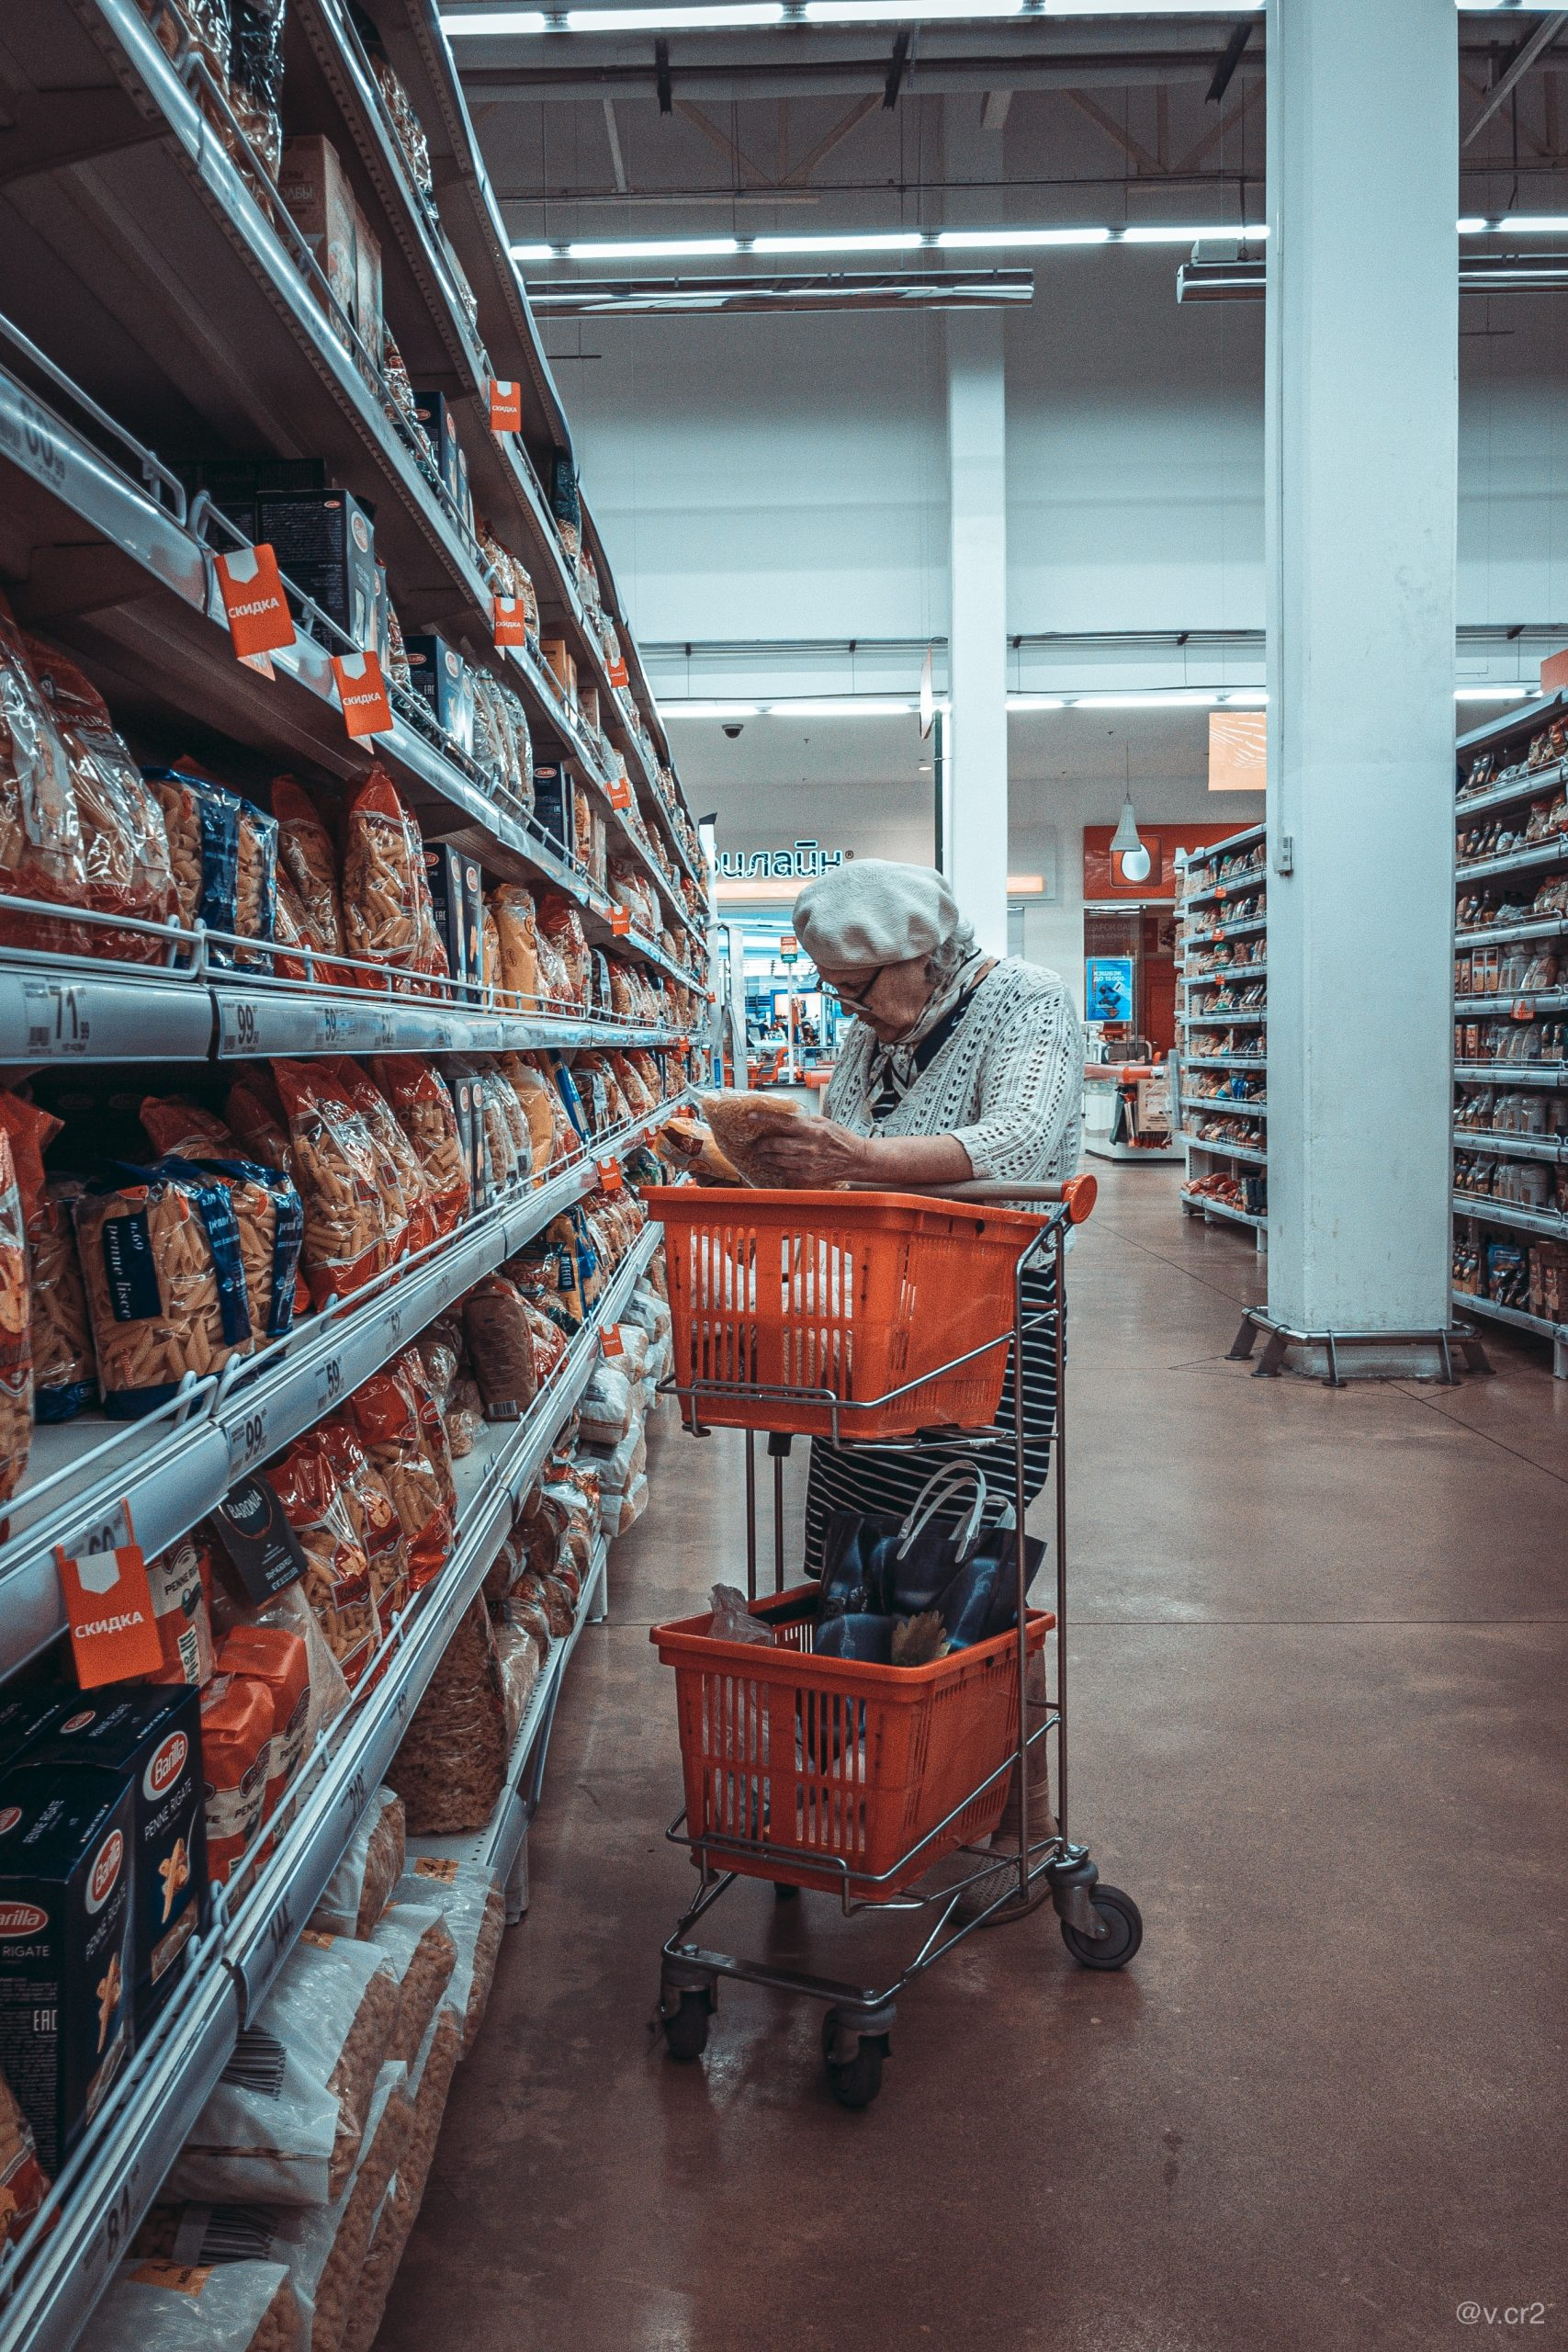 Entenda a alta dos preços nos supermercados: país enfrenta um período de inflação elevada.